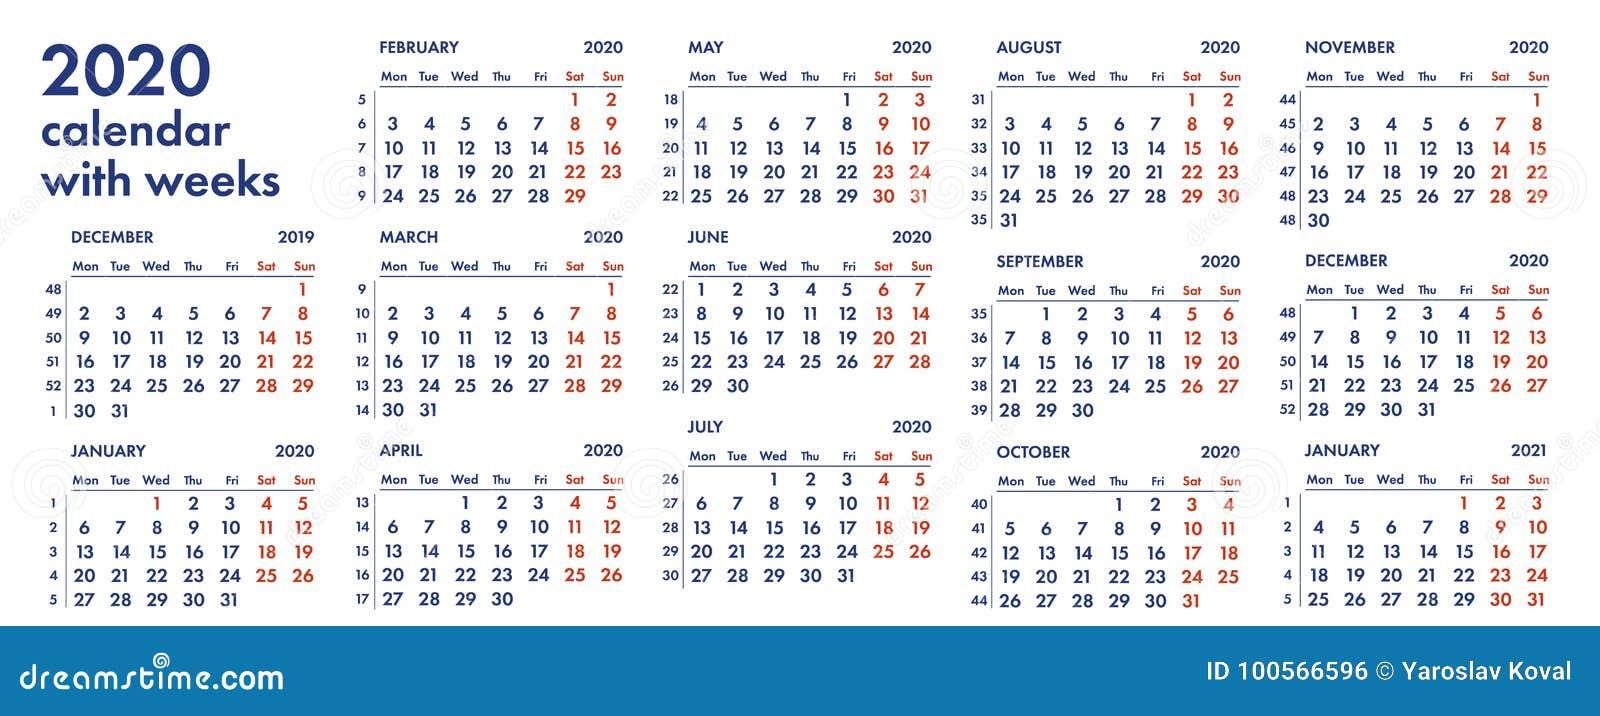 Calendario Trimestrali 2020.Una Griglia Di 2020 Calendari Con L Illustrazione Di